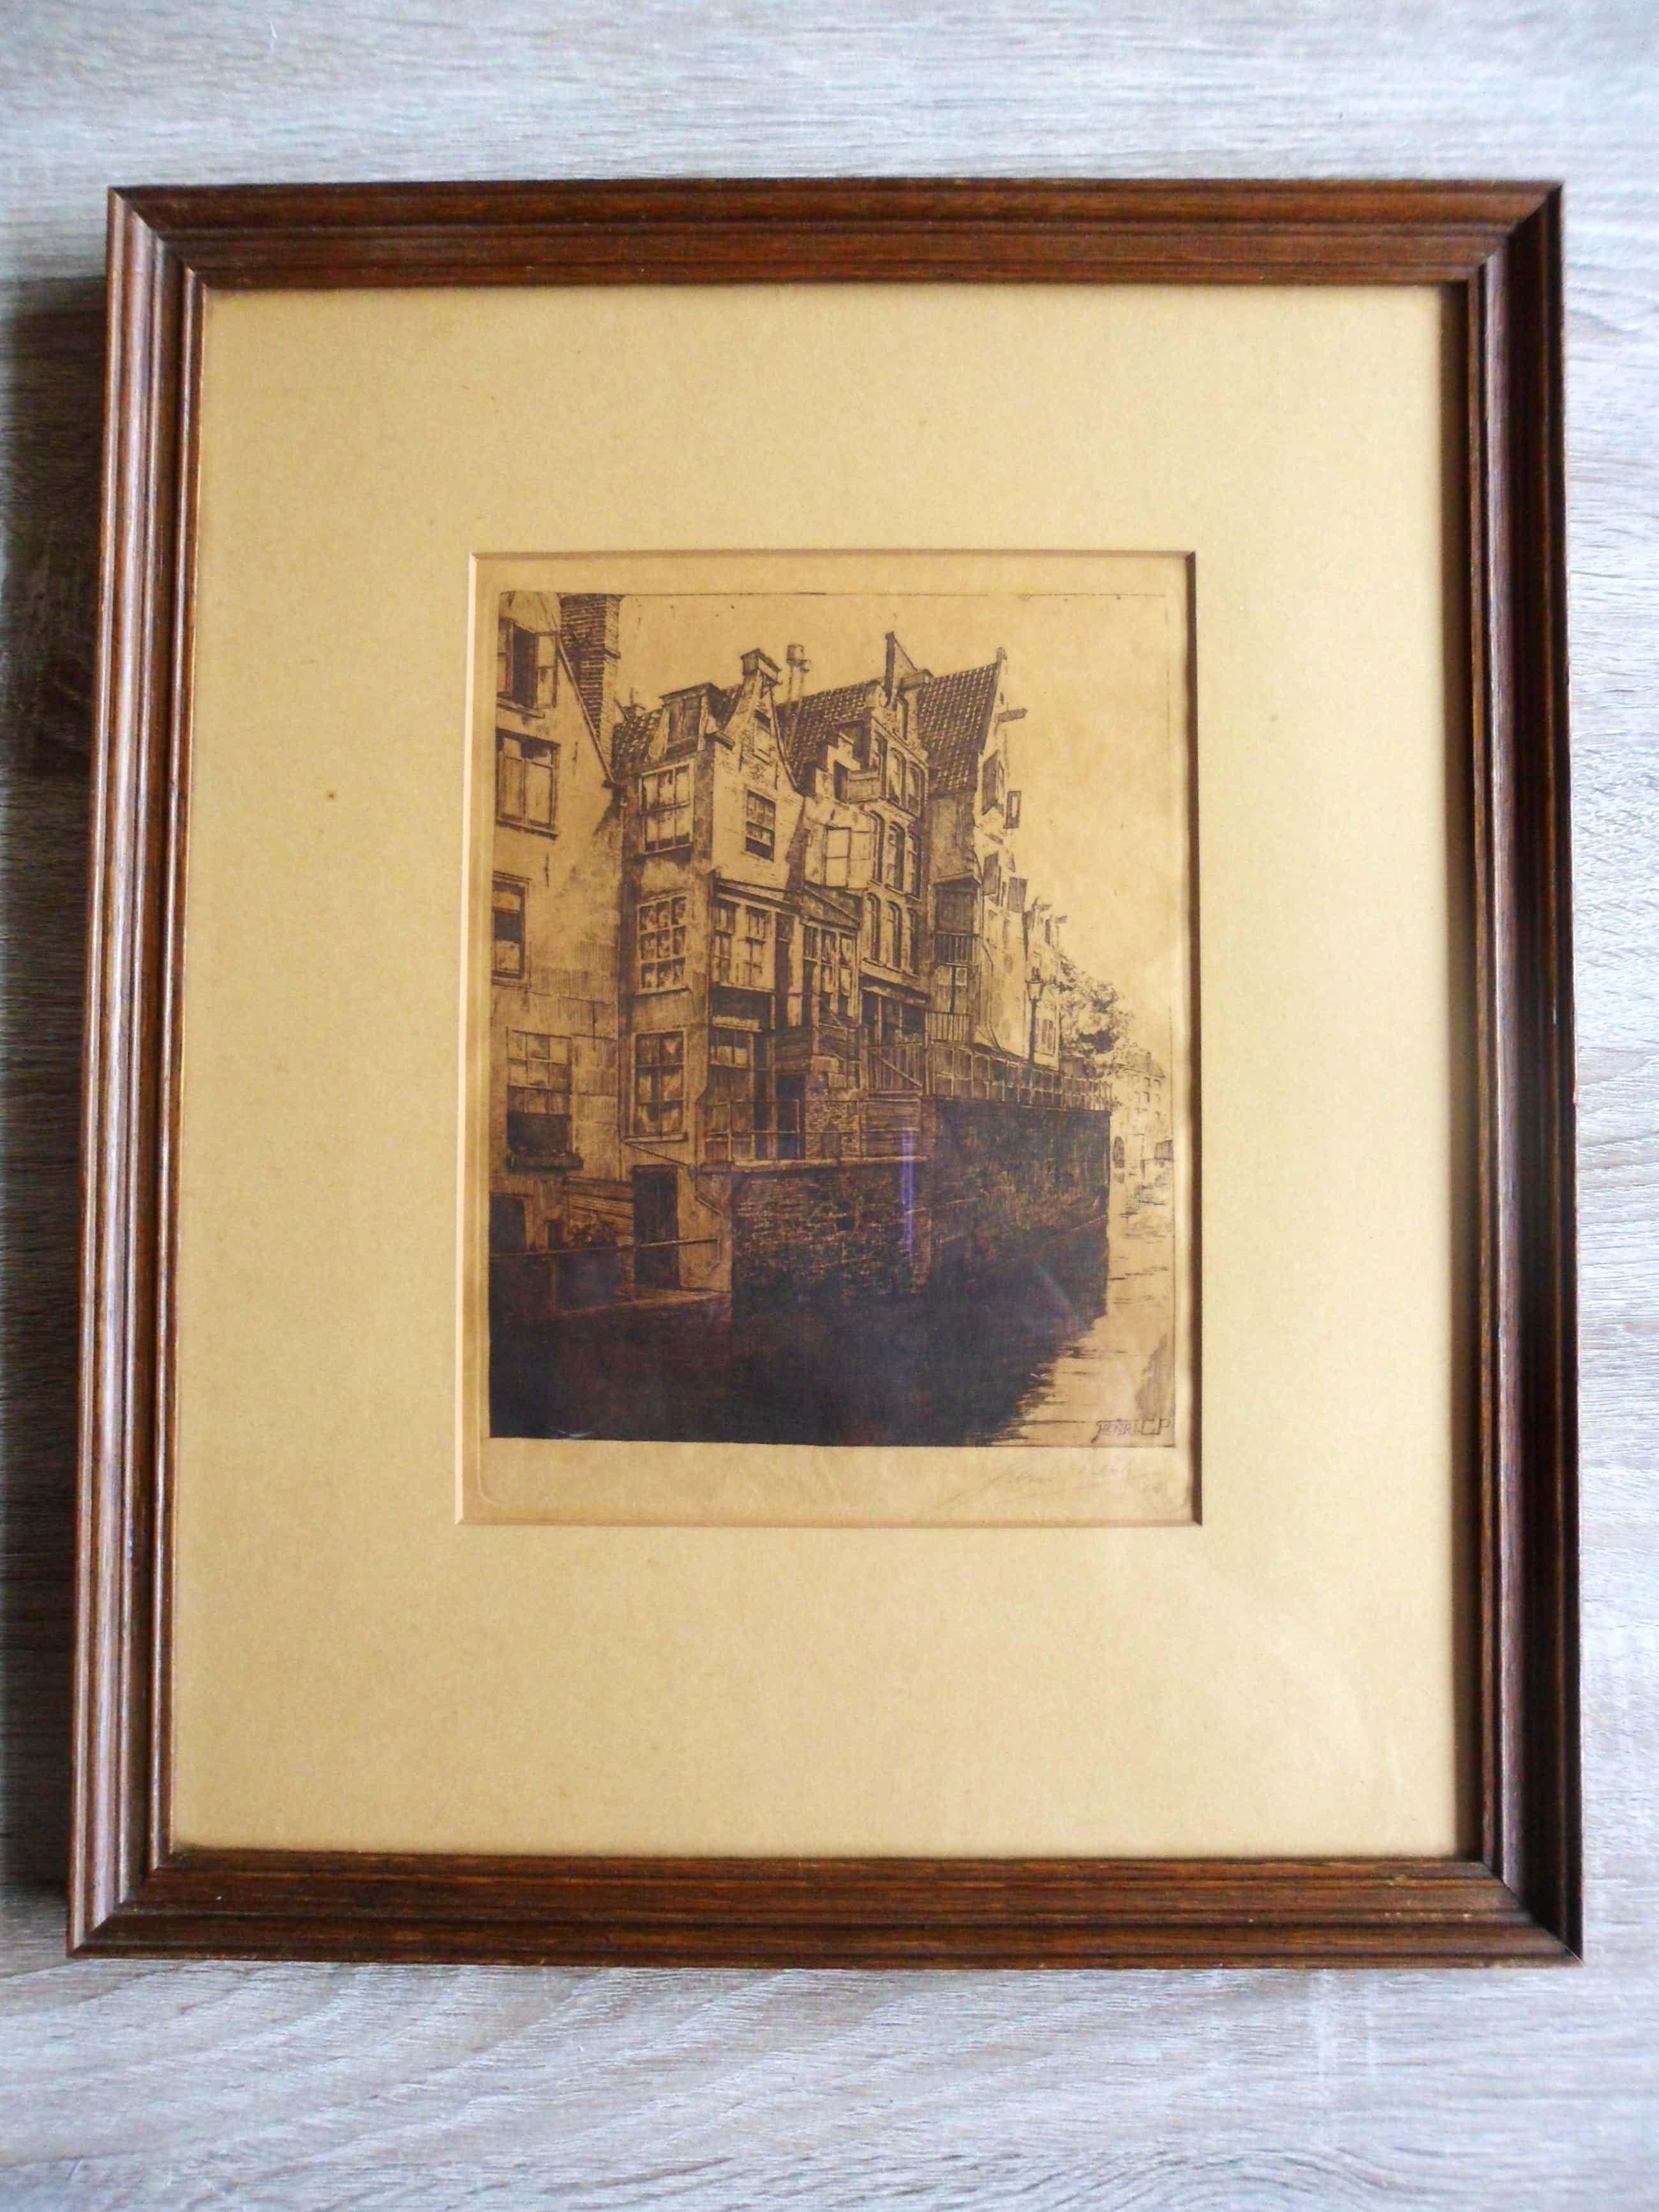 Henri Pieck - gesigneerde ets - Grimnessesluis Amsterdam - 1920 kopen? Bied vanaf 70!